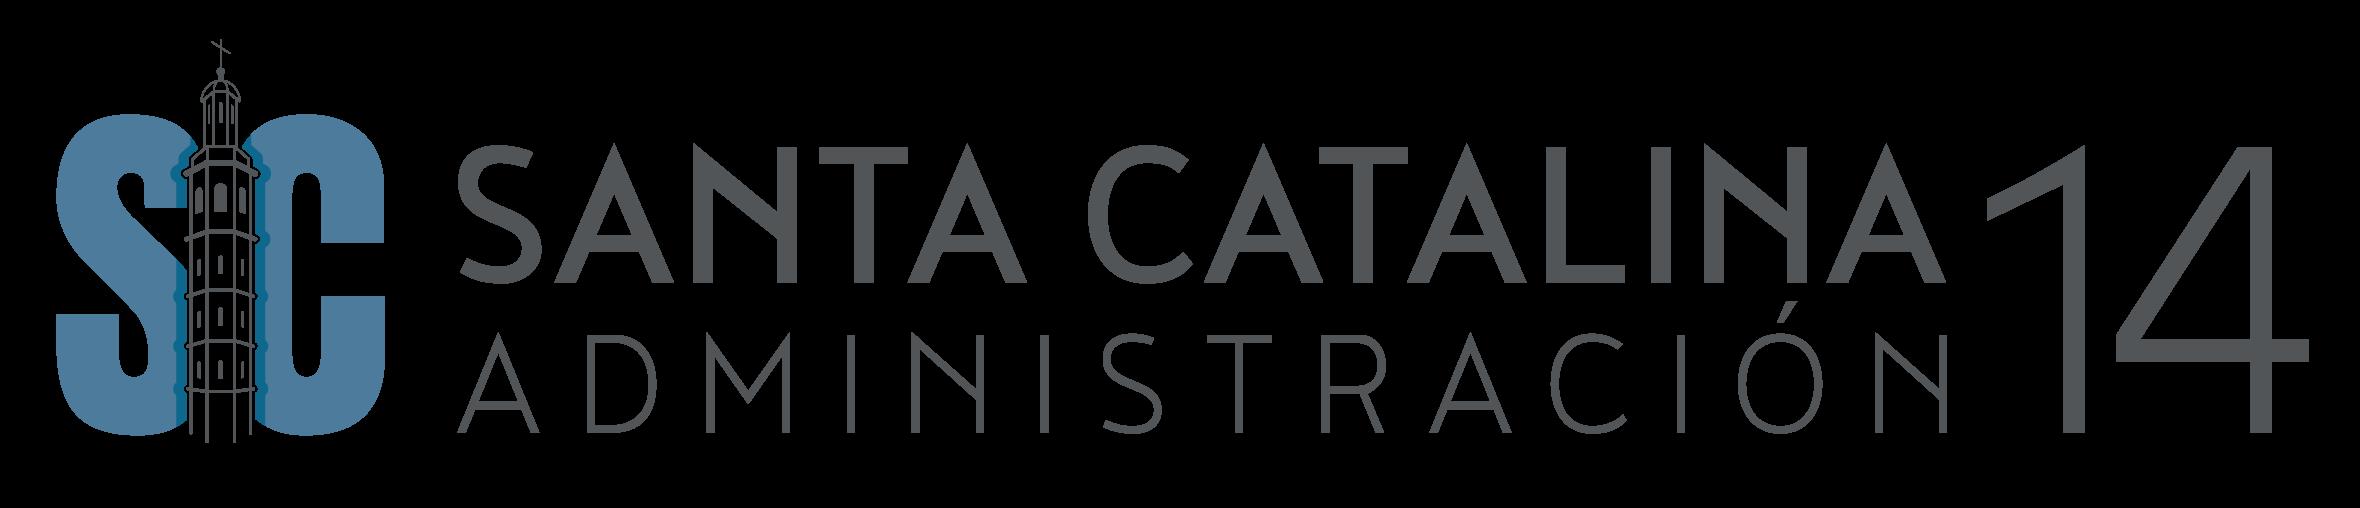 Loteria Santa Catalina